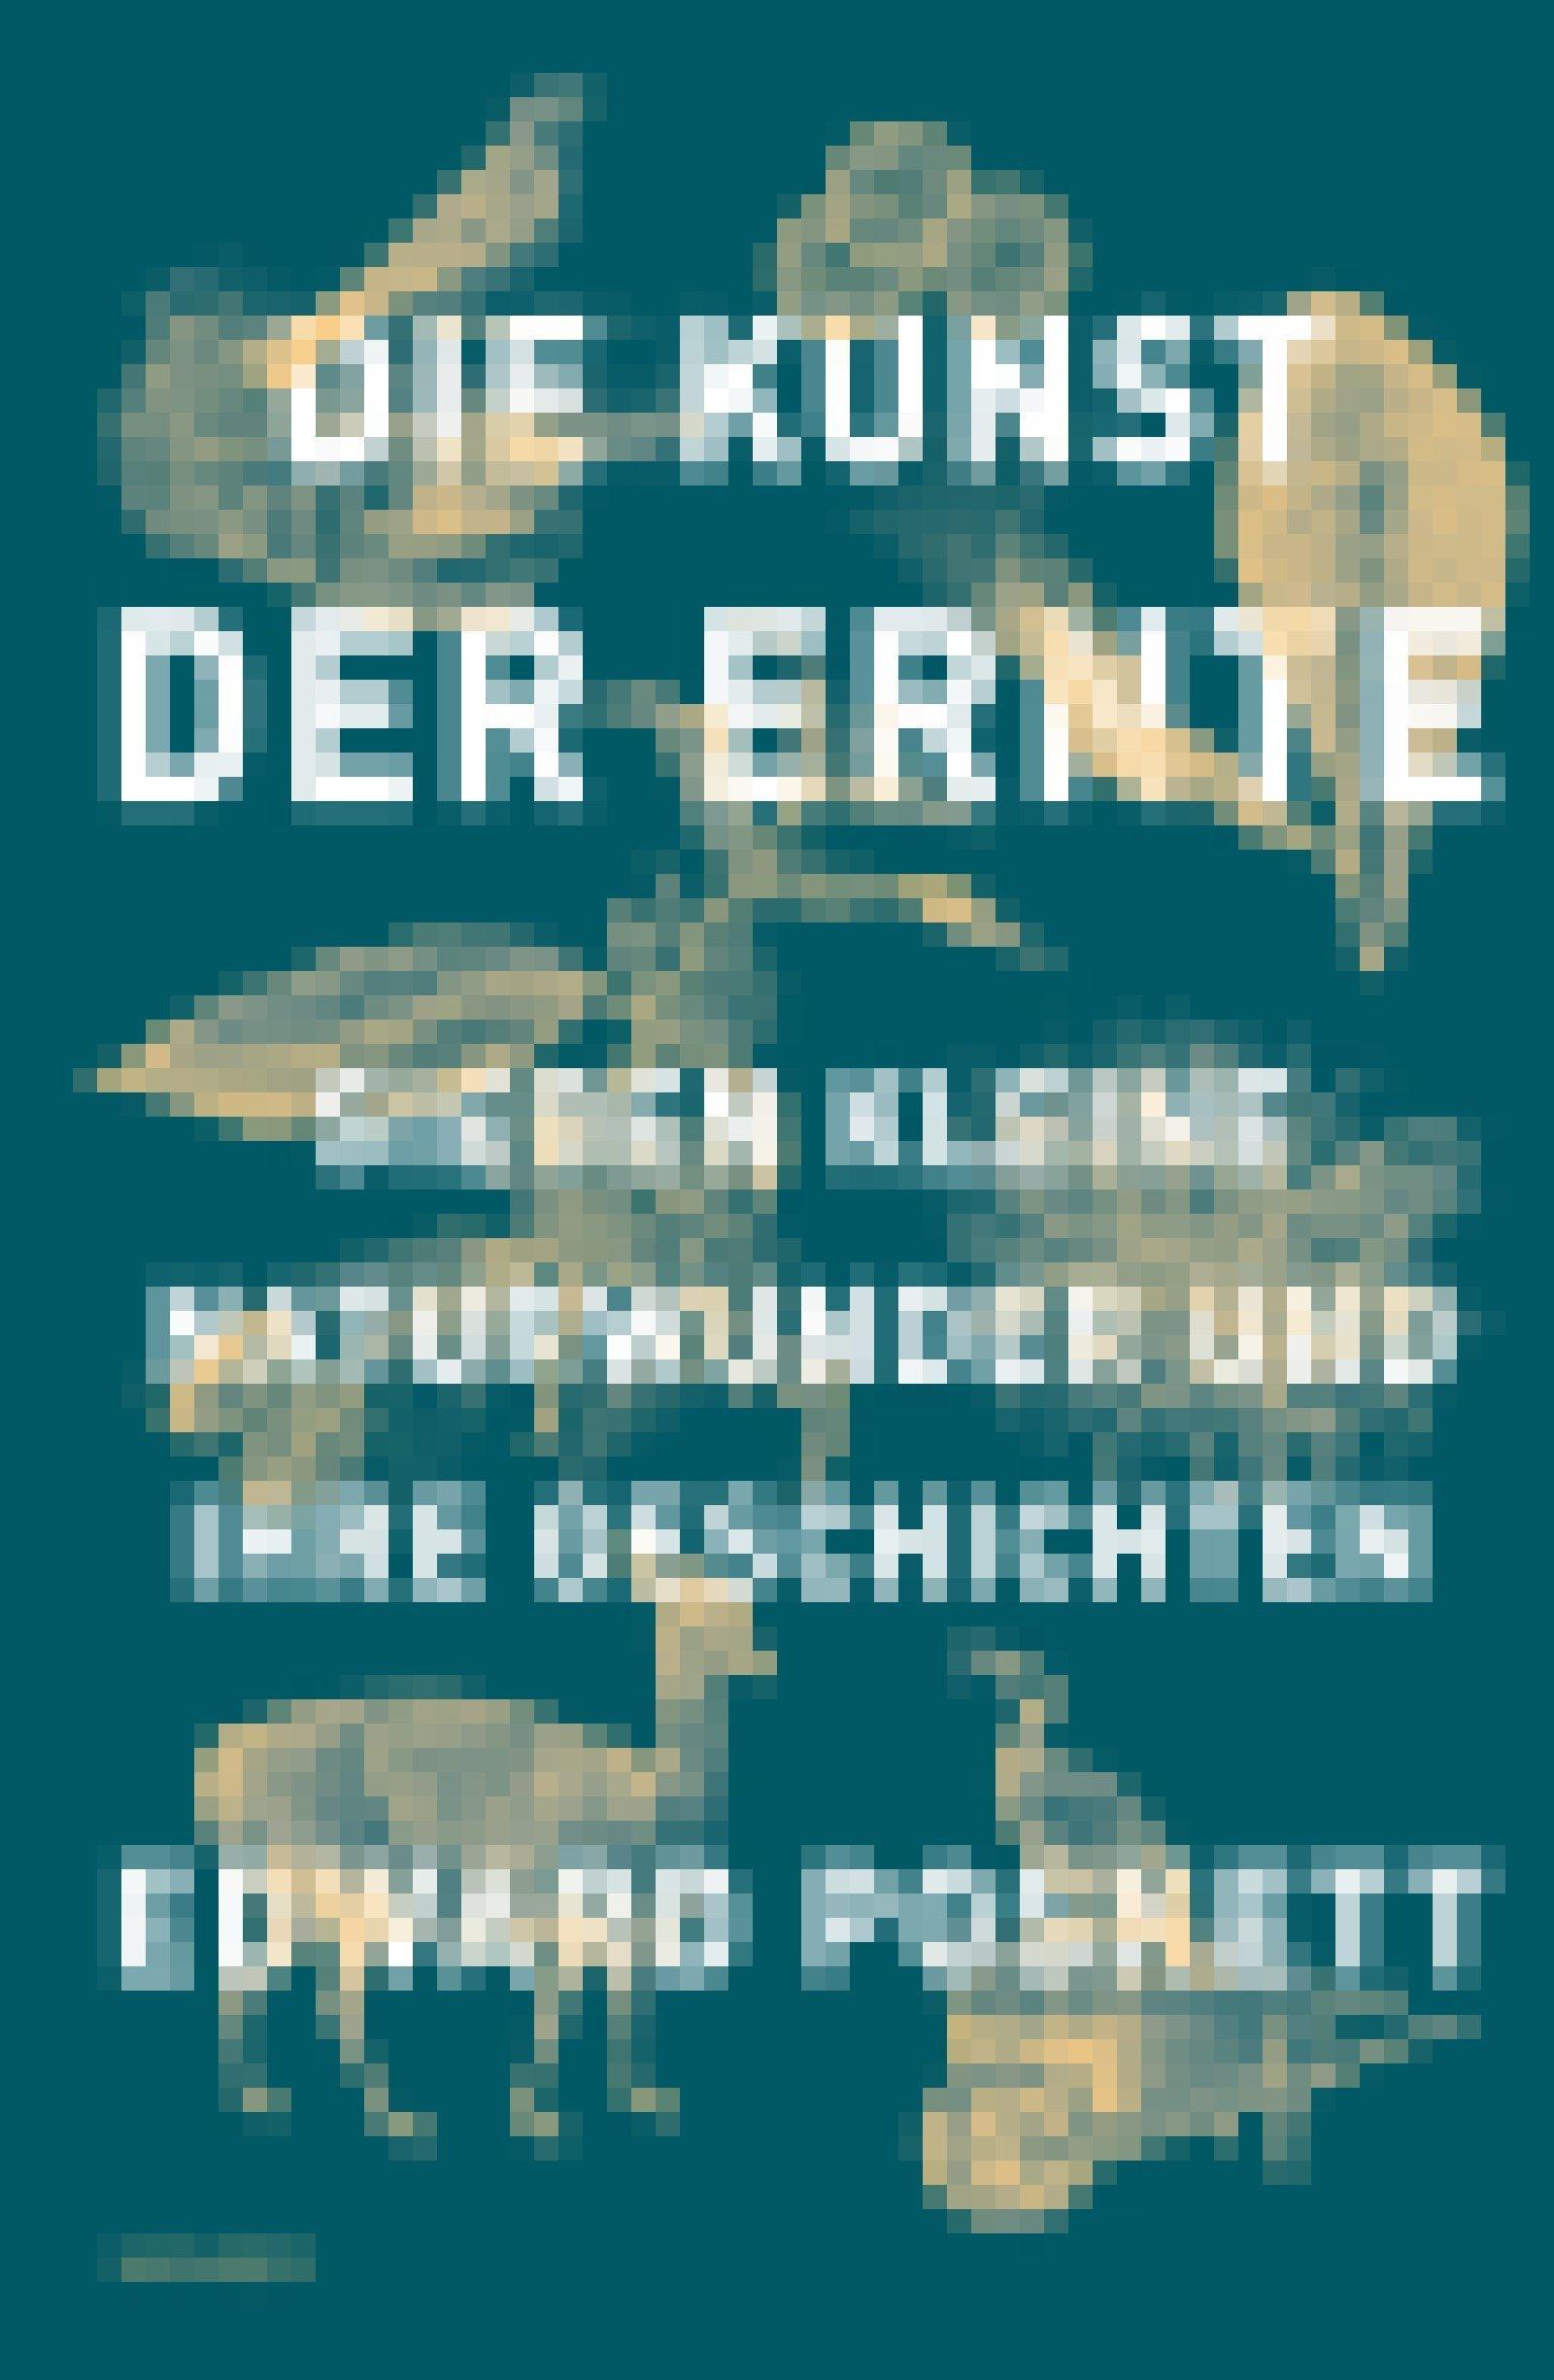 """Auf dem grünen Cover des Buches """"Die Kunst der Ernte – Sieben kleine Naturwunder und ihre Geschichten"""" sind in gelber Farbe gezeichnete Federn, Knöpfe, Tiere und Pflanzen abgebildet"""